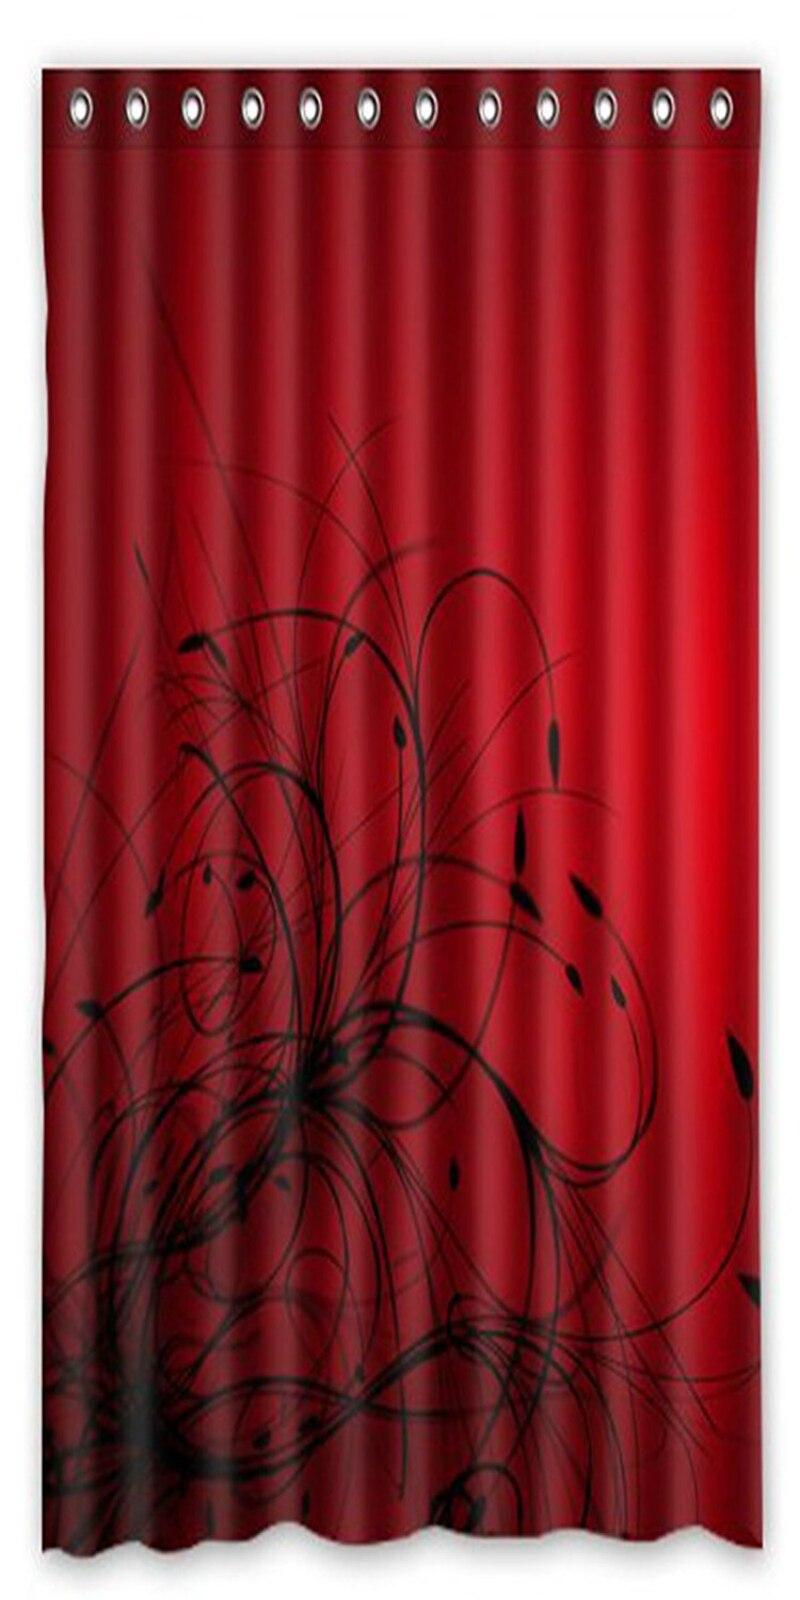 メモリホーム赤黒抽象壁紙シャワーカーテン浴室防水生地ポリエステル